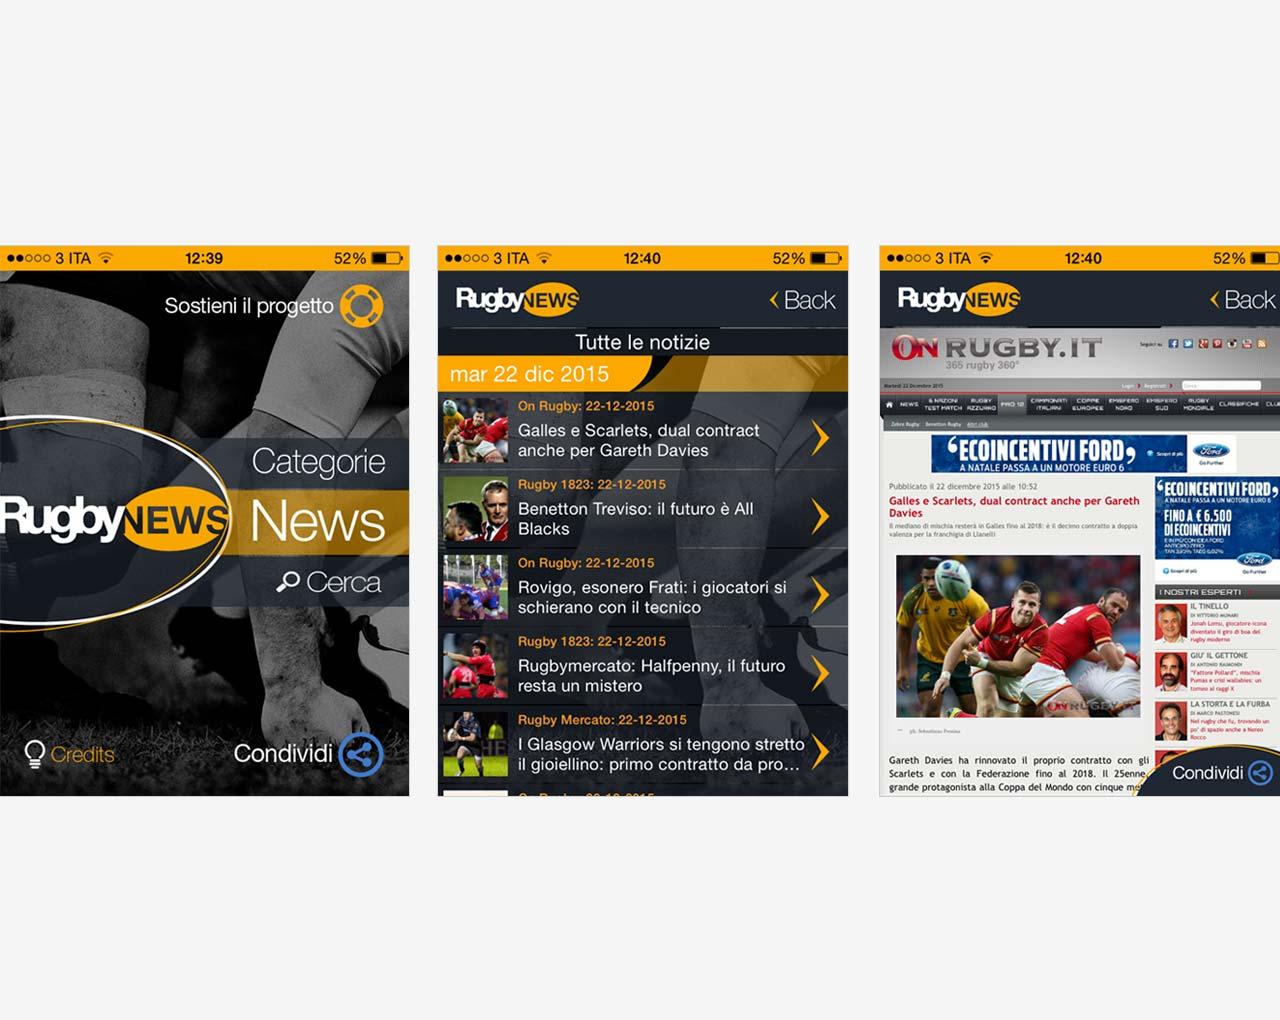 RugbyNews